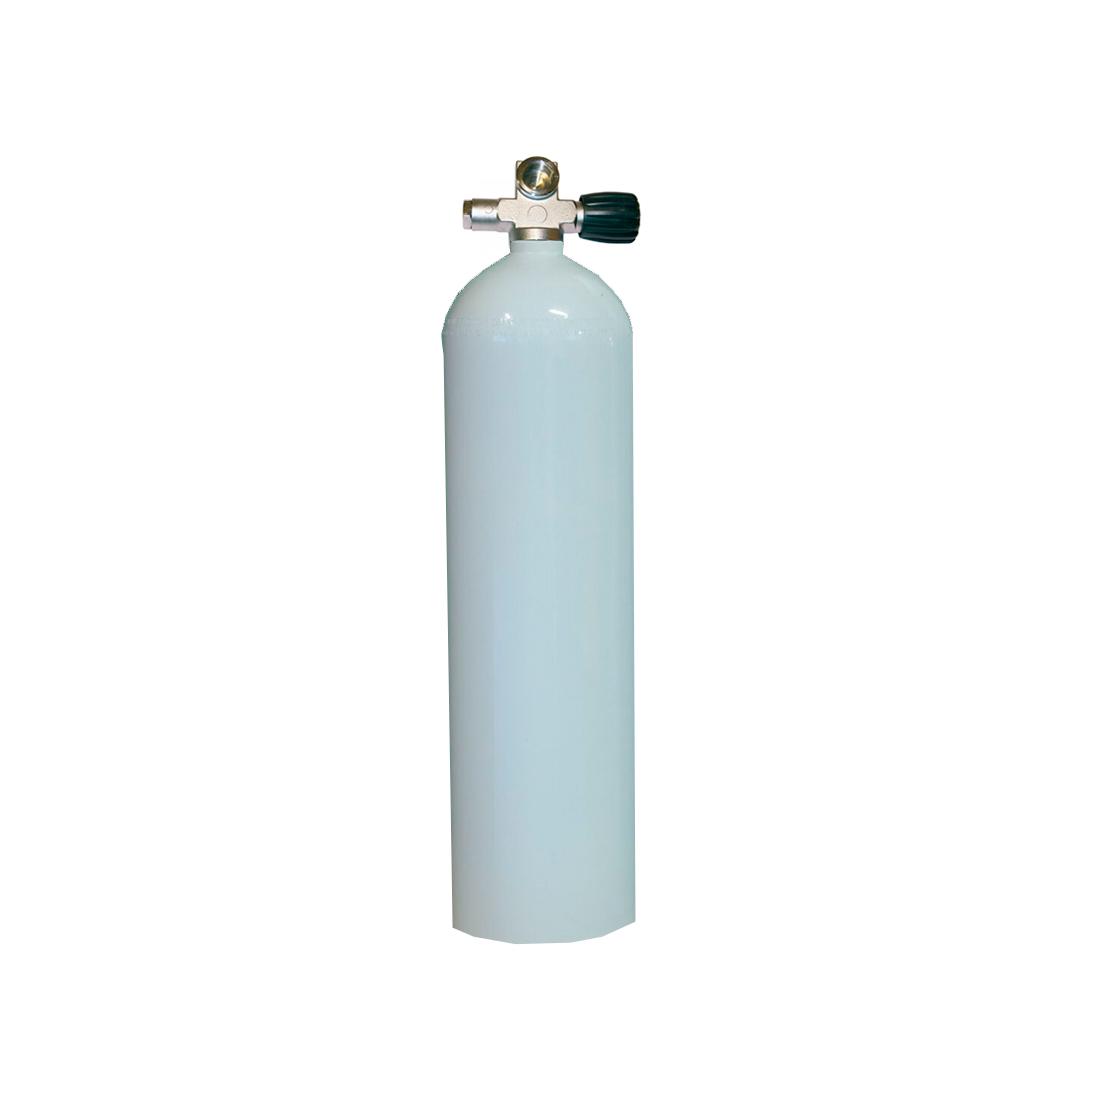 MES - Tauchgerät 5,7l 207Bar 40cuft Aluflasche mit/ohne Ventil weiss